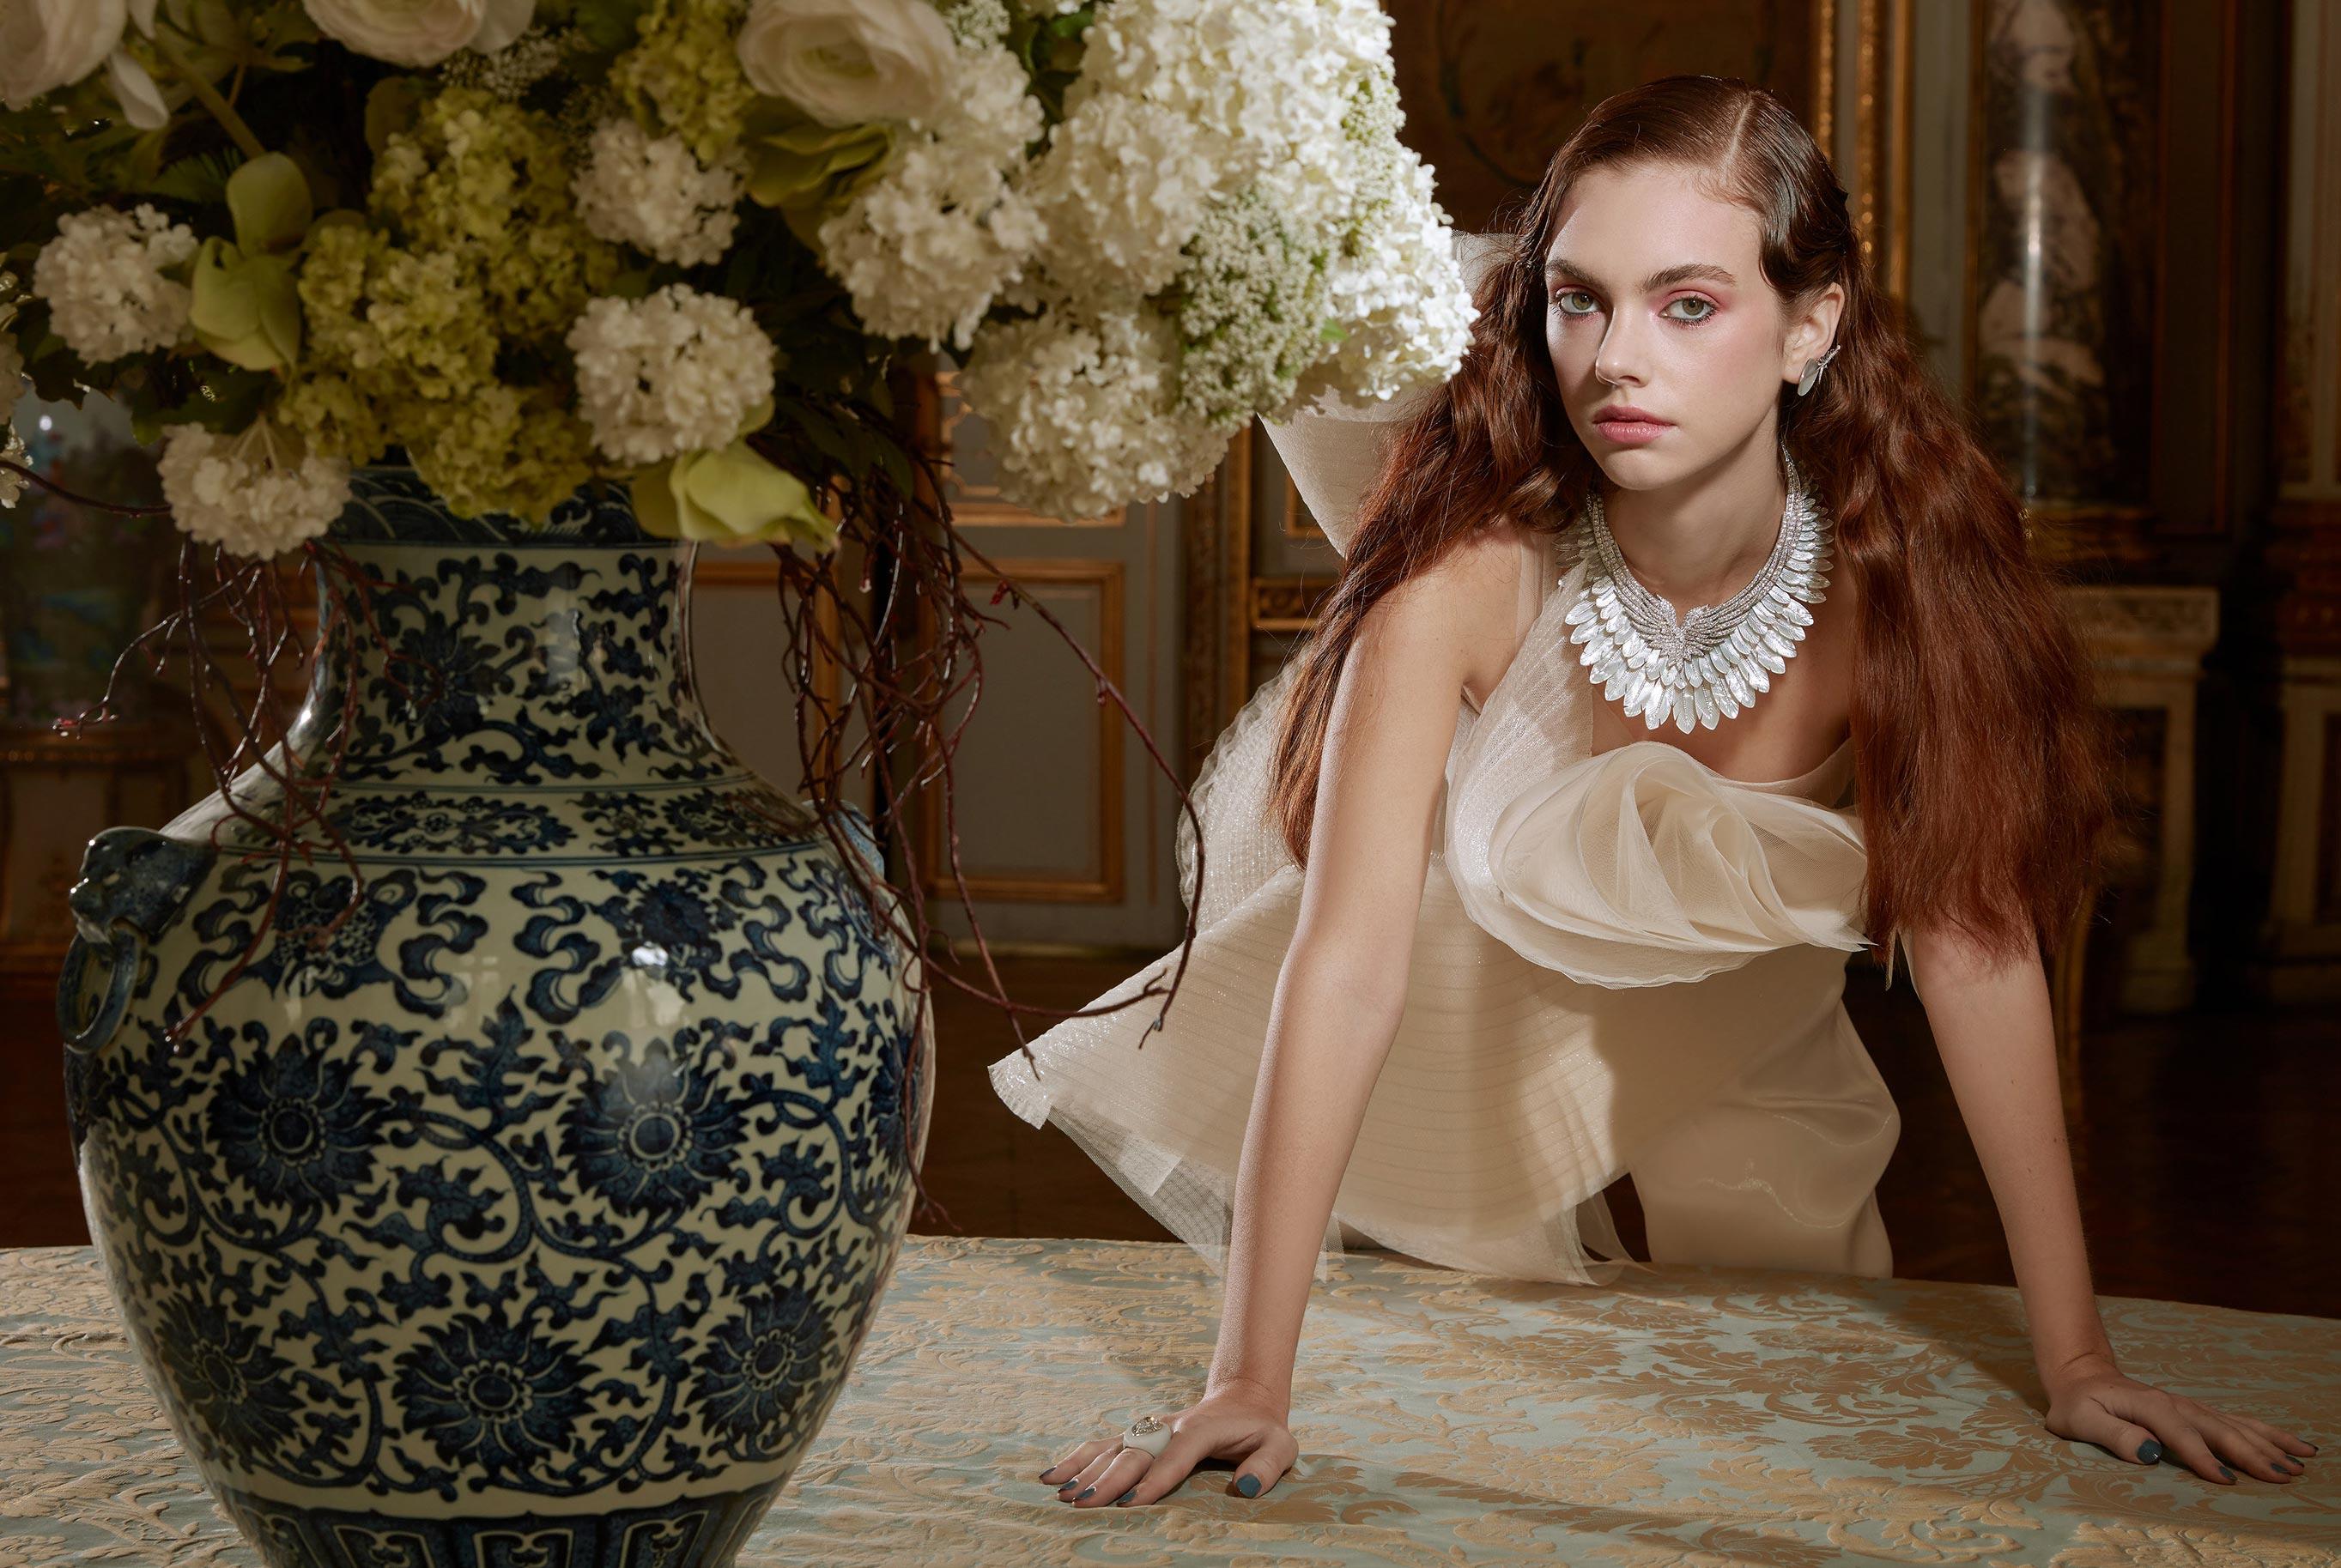 Лоана Жульен демонстрирует образцы высокой моды / фото 05